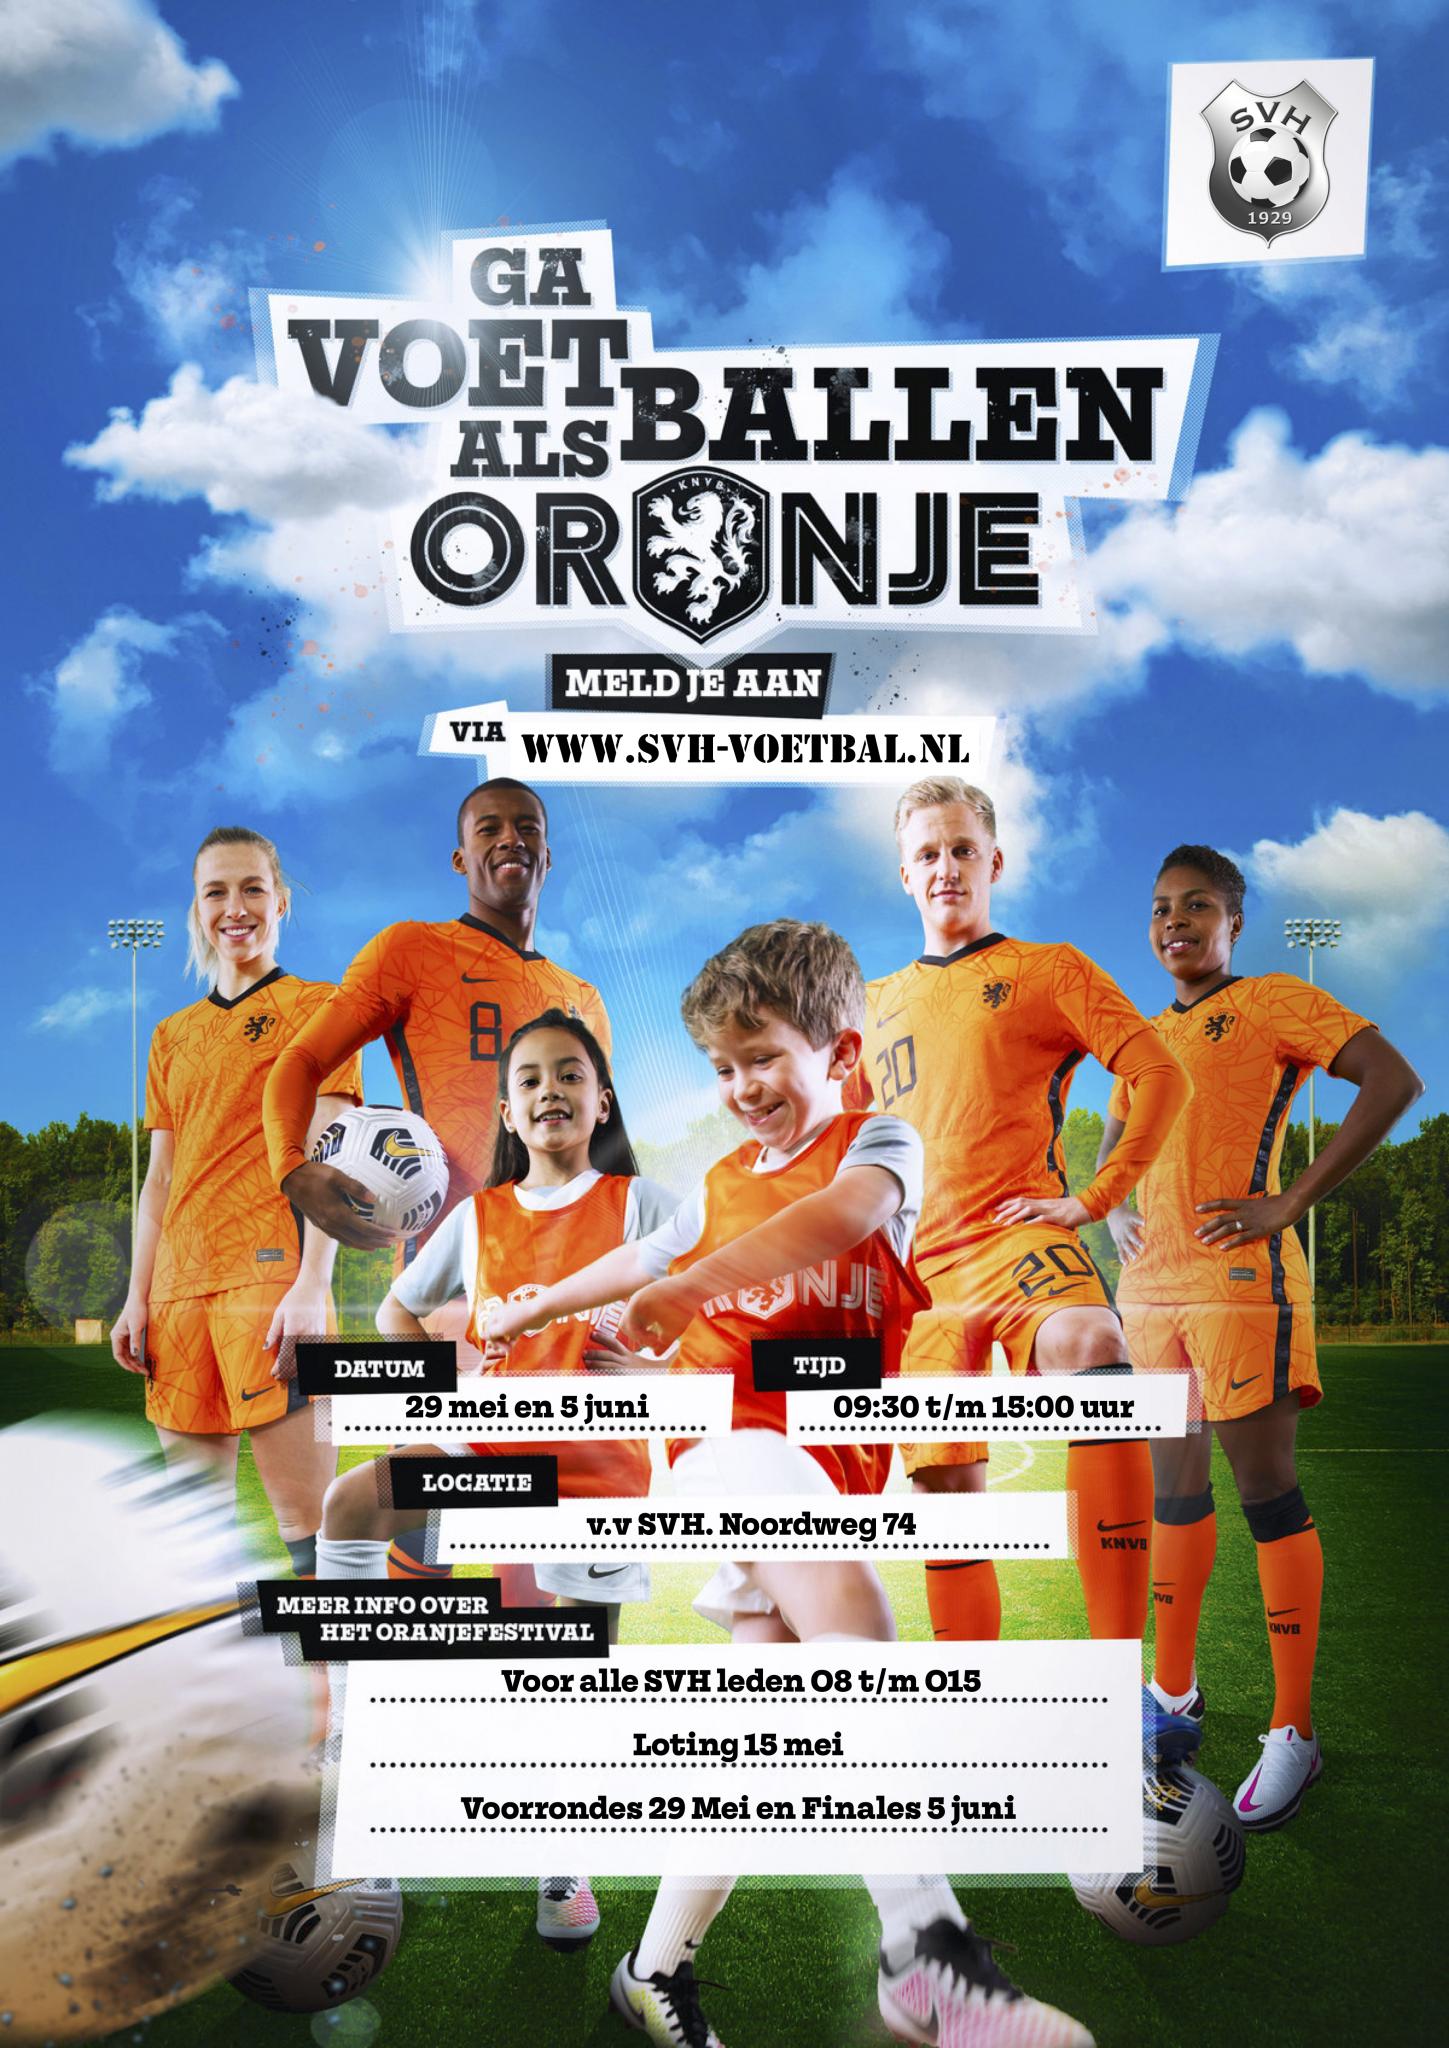 Oranje Festival: SVH EK Voetbal